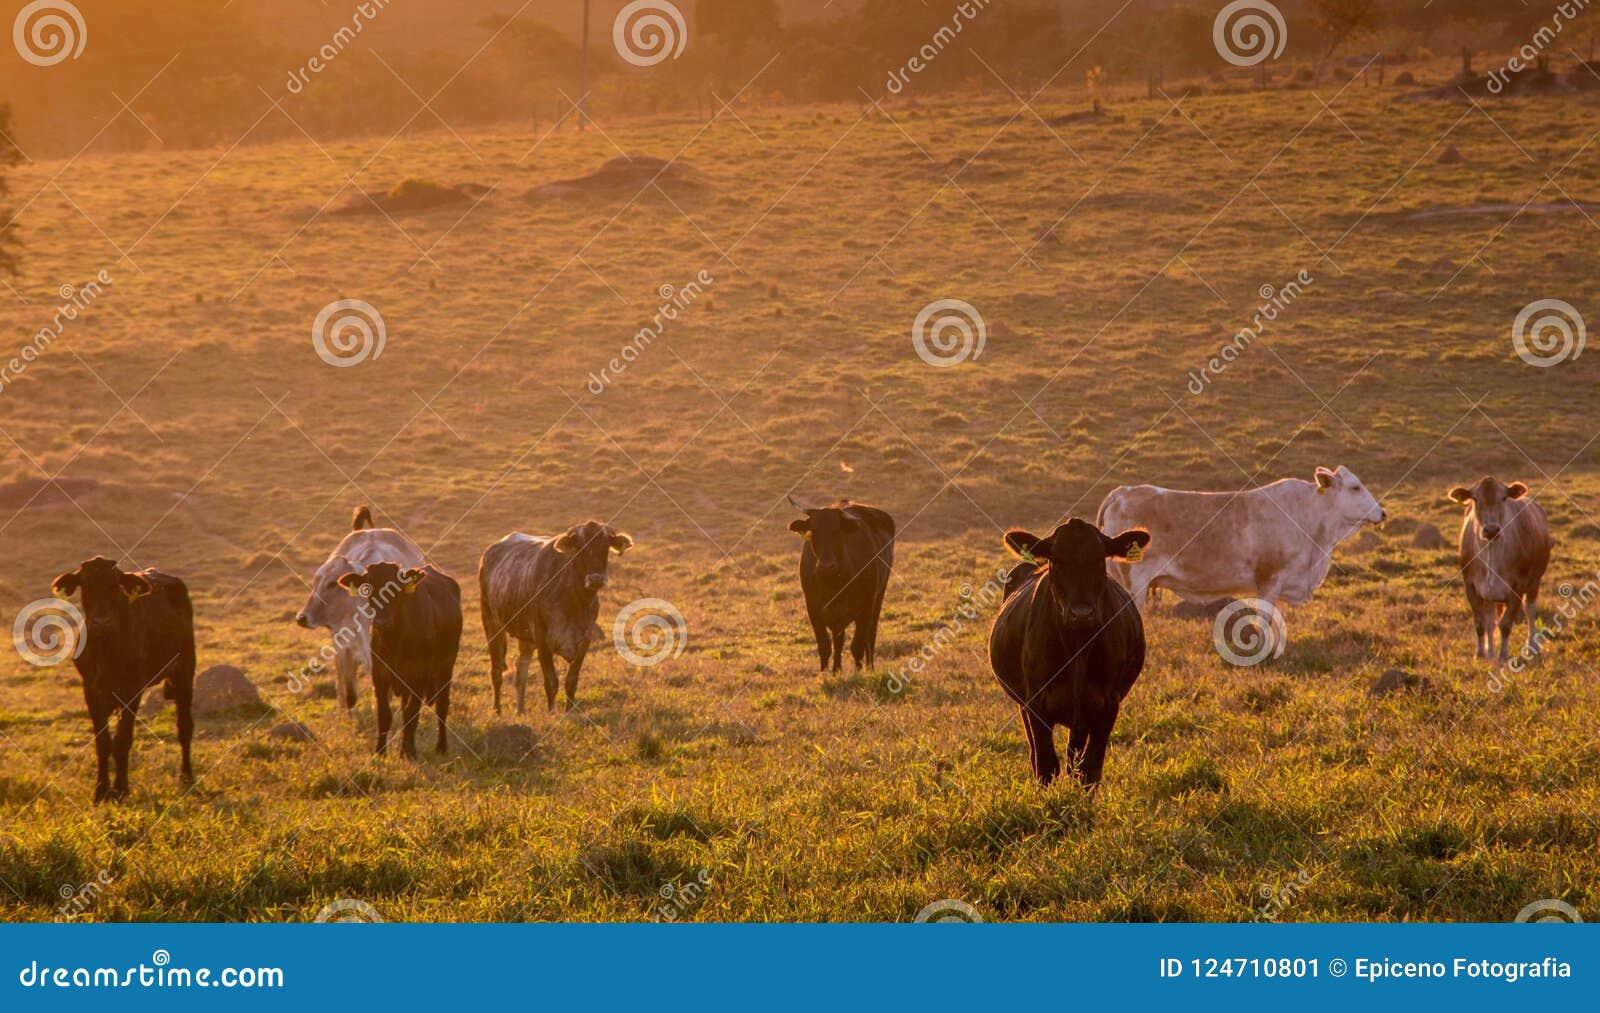 Landsbygd med gräs matat nötkreatur på soluppgång